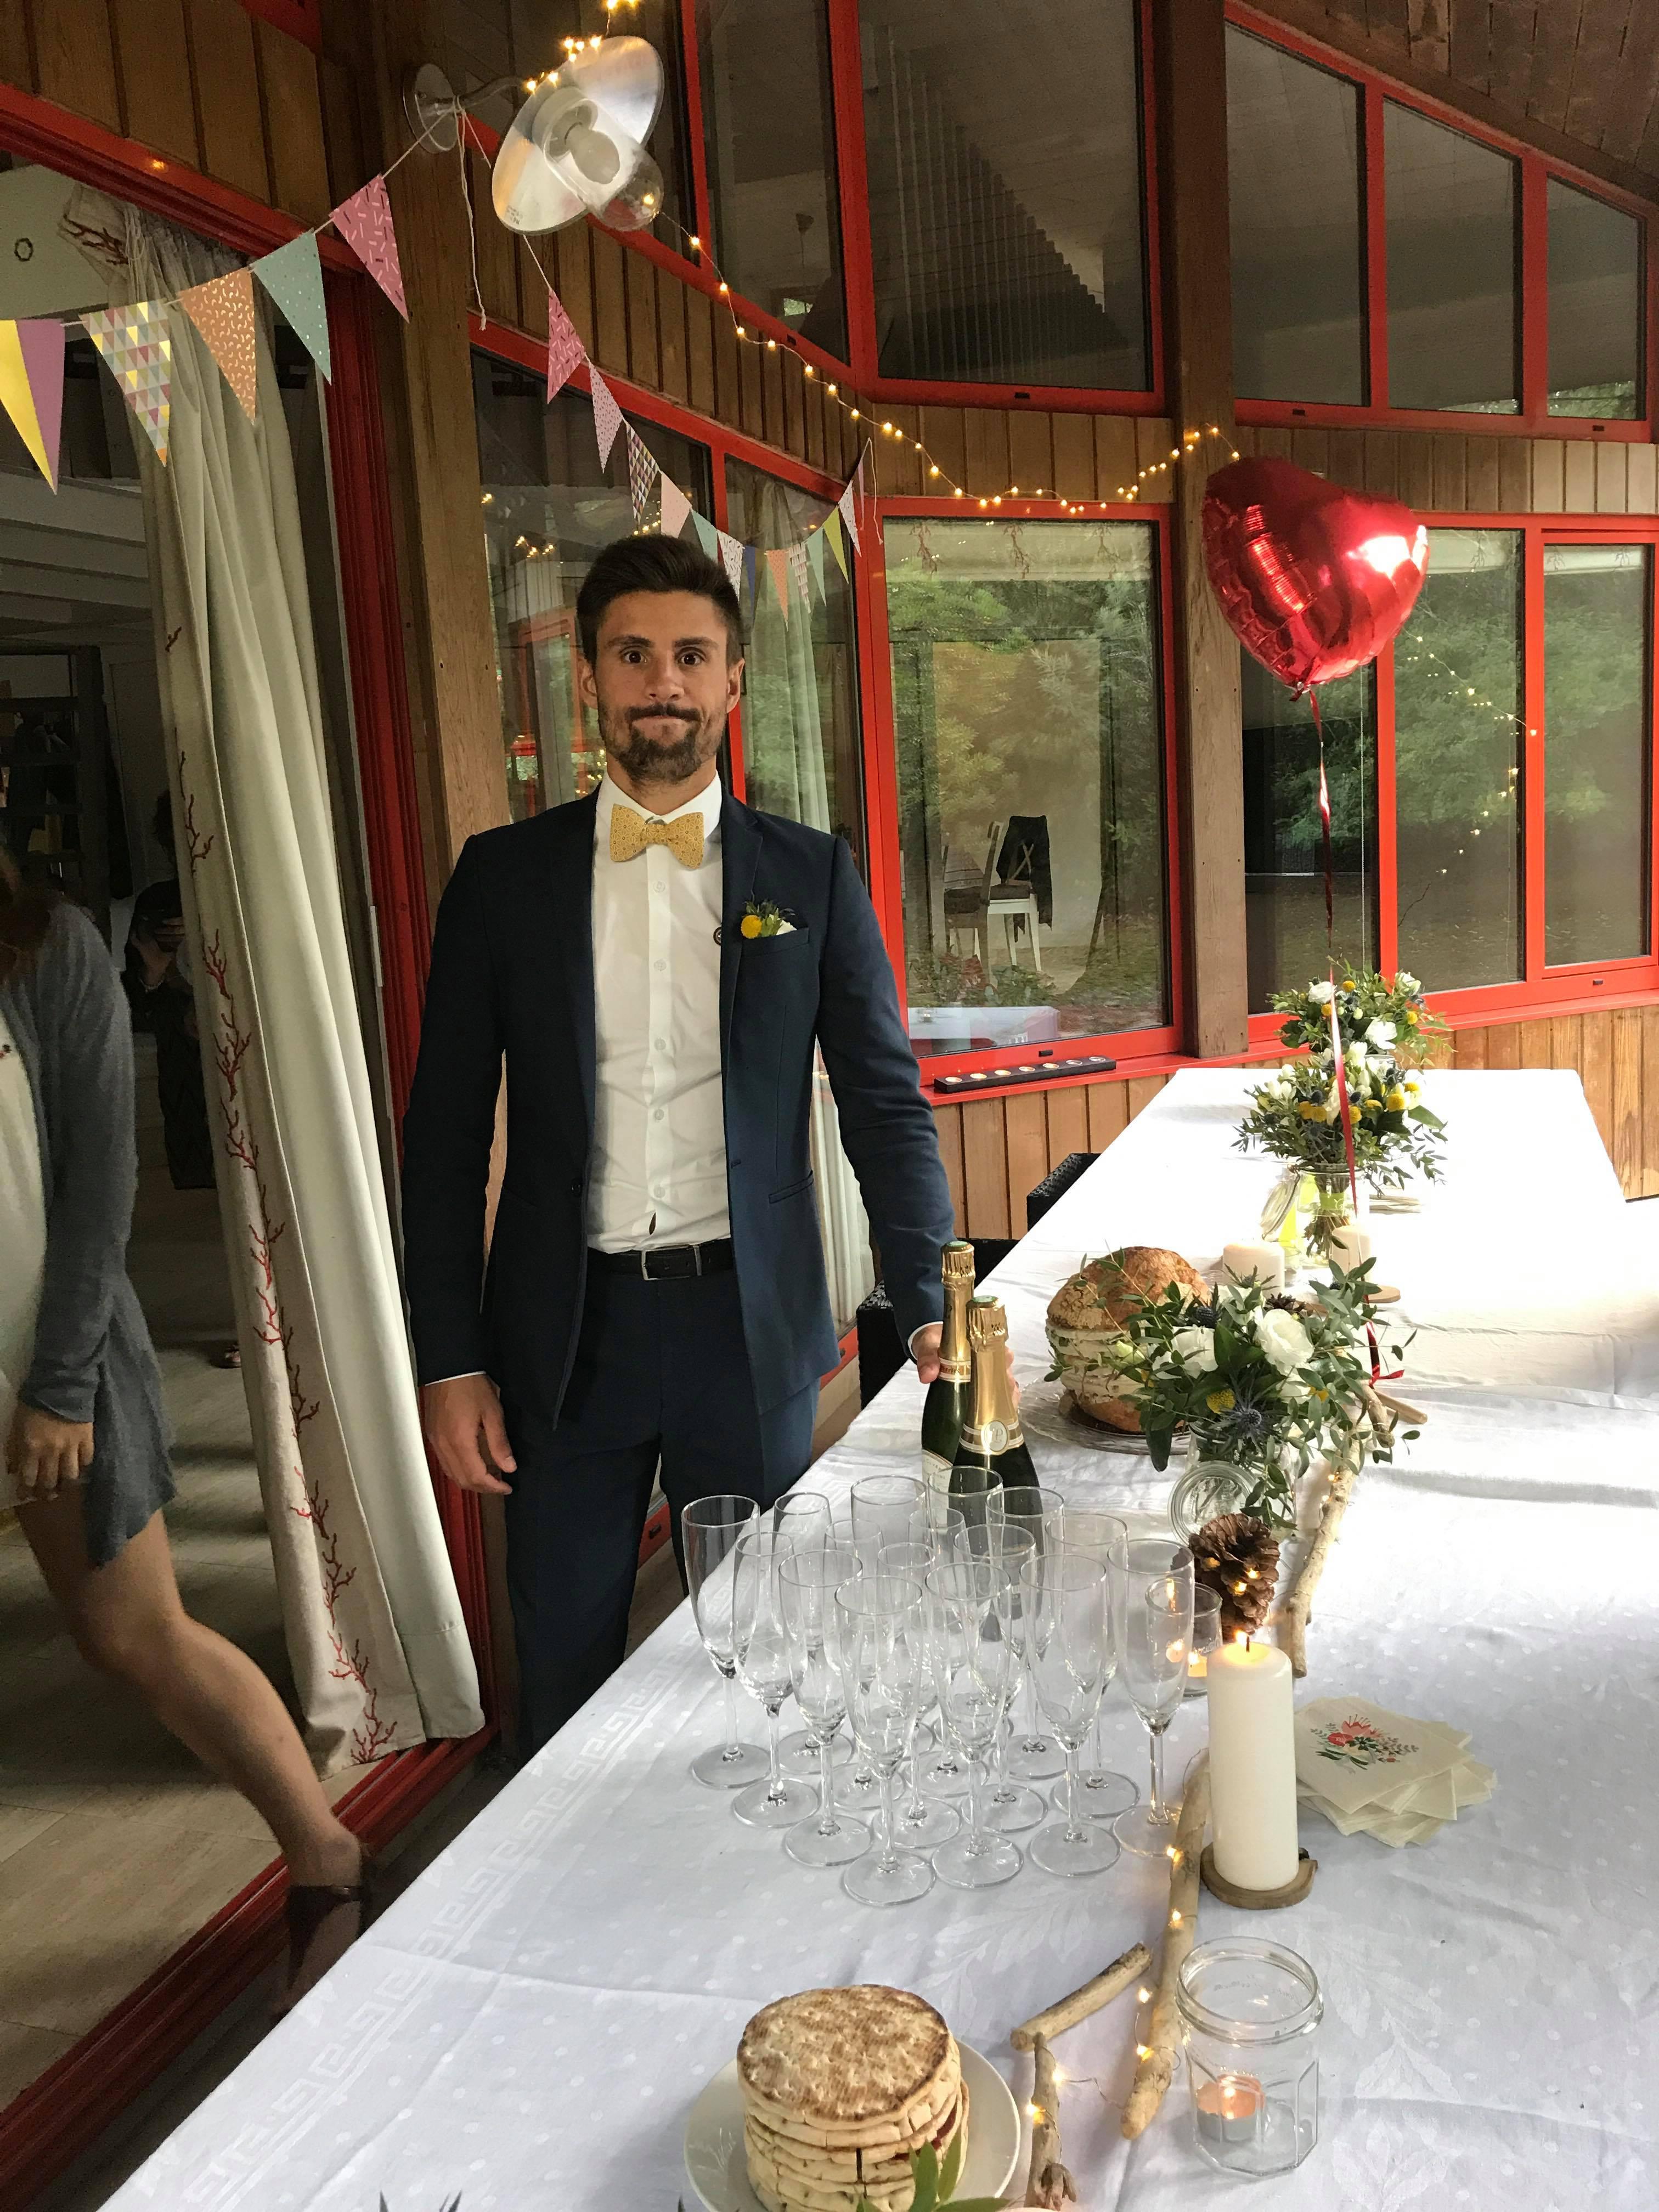 Mon mariage civil au bord de l'océan : la soirée